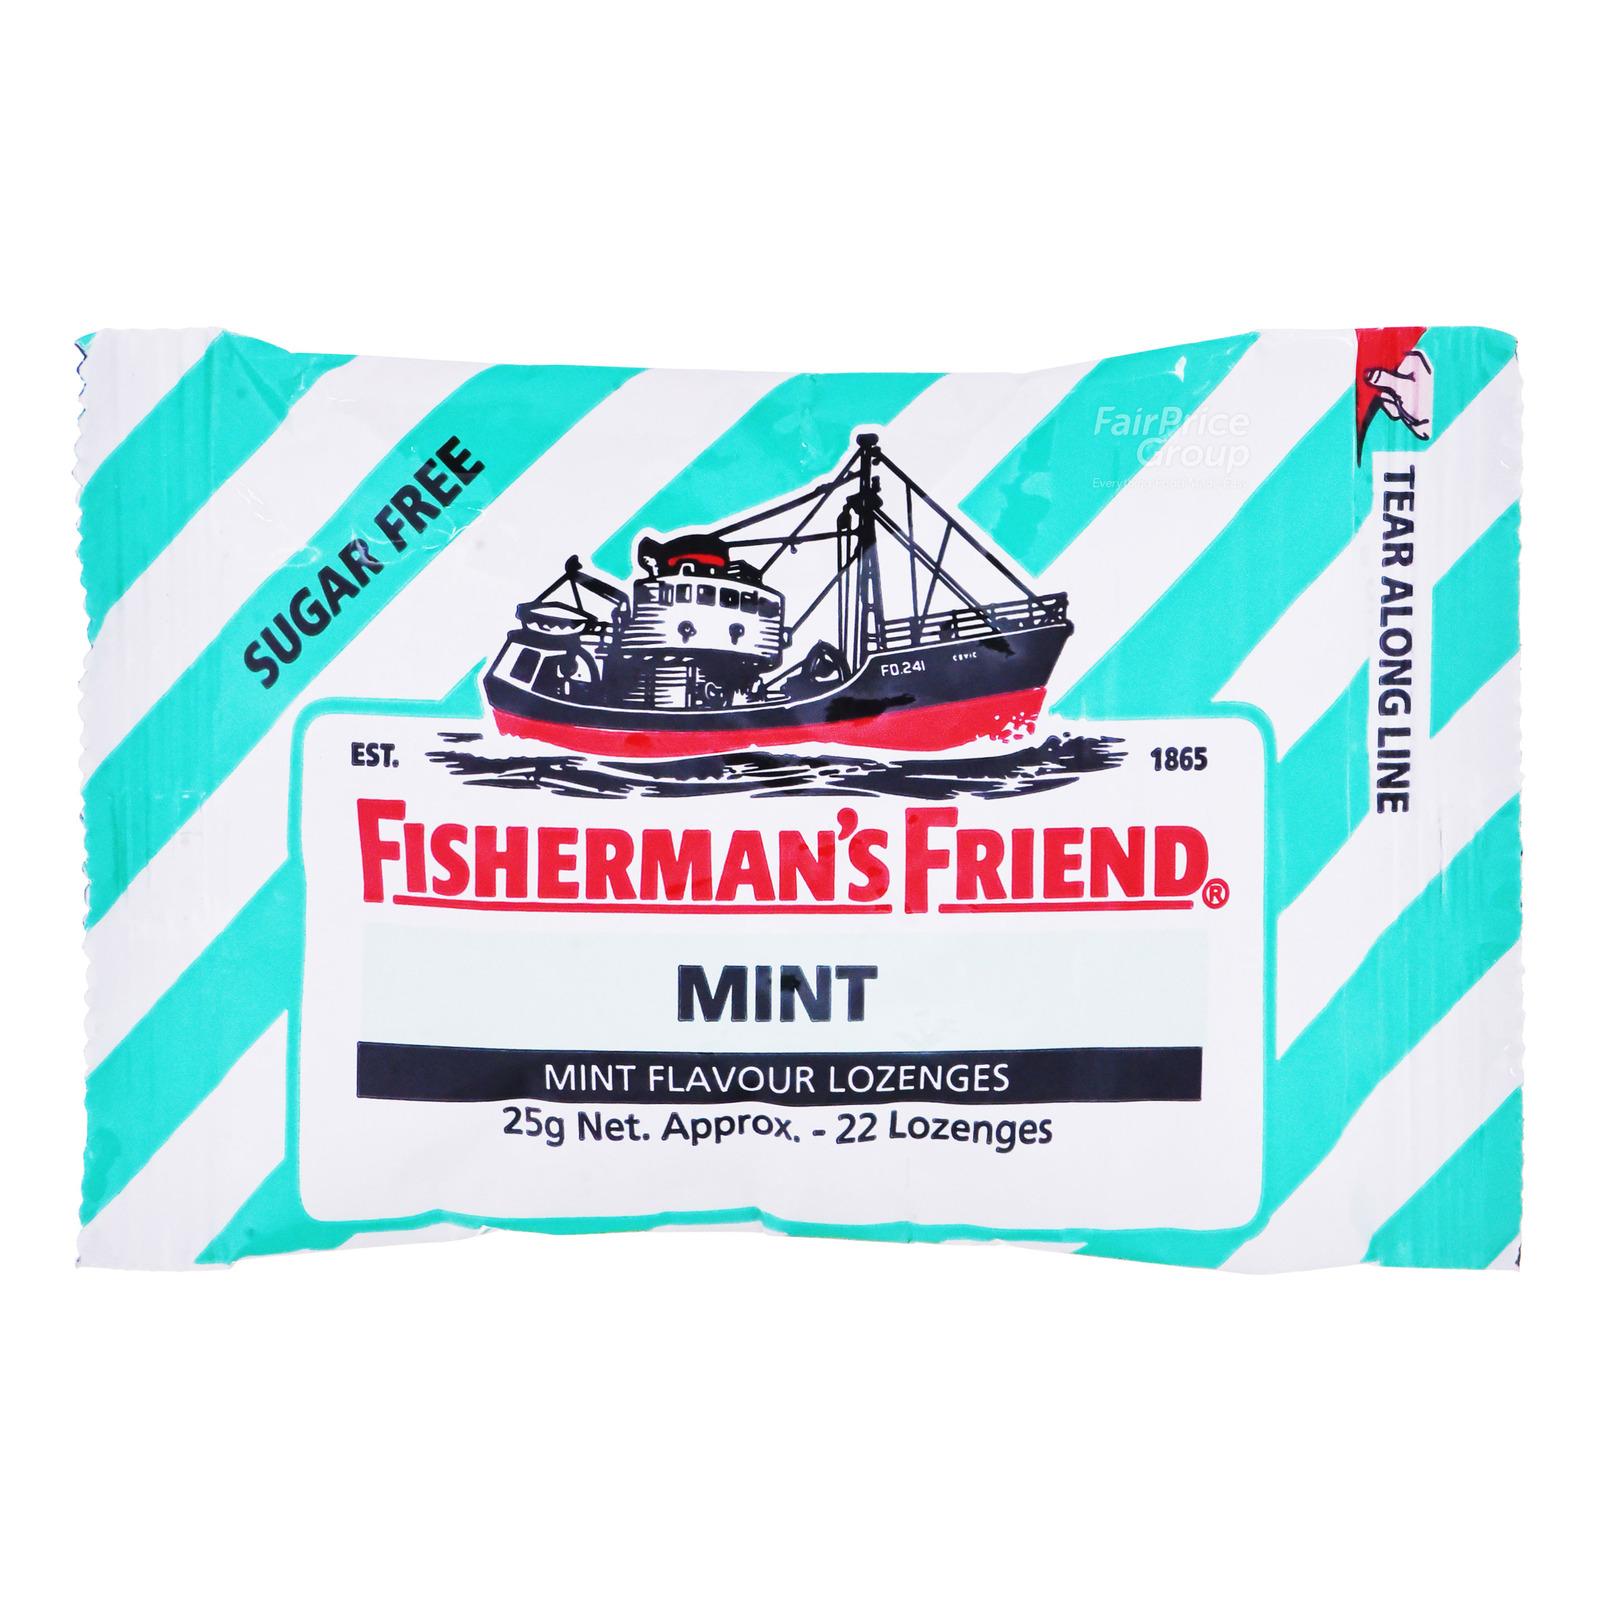 Fisherman's Friend Sugar Free Lozenges - Mint